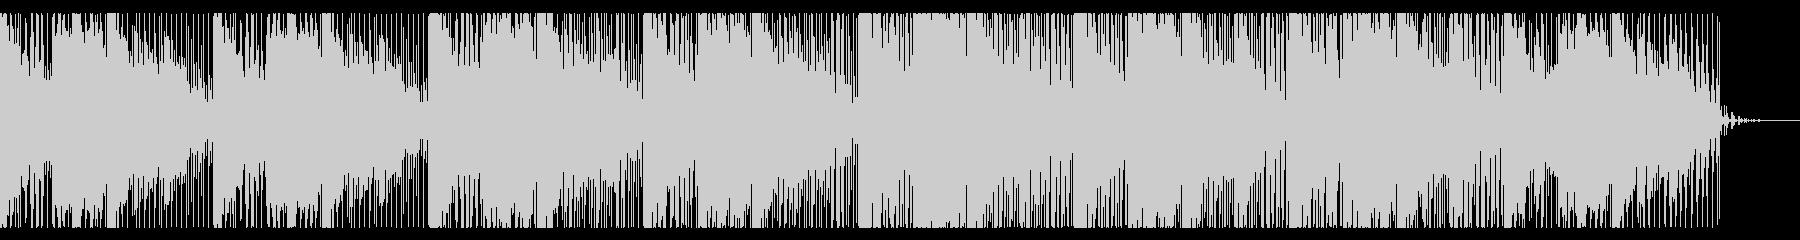 ダークでエスニックなホラーBGMの未再生の波形